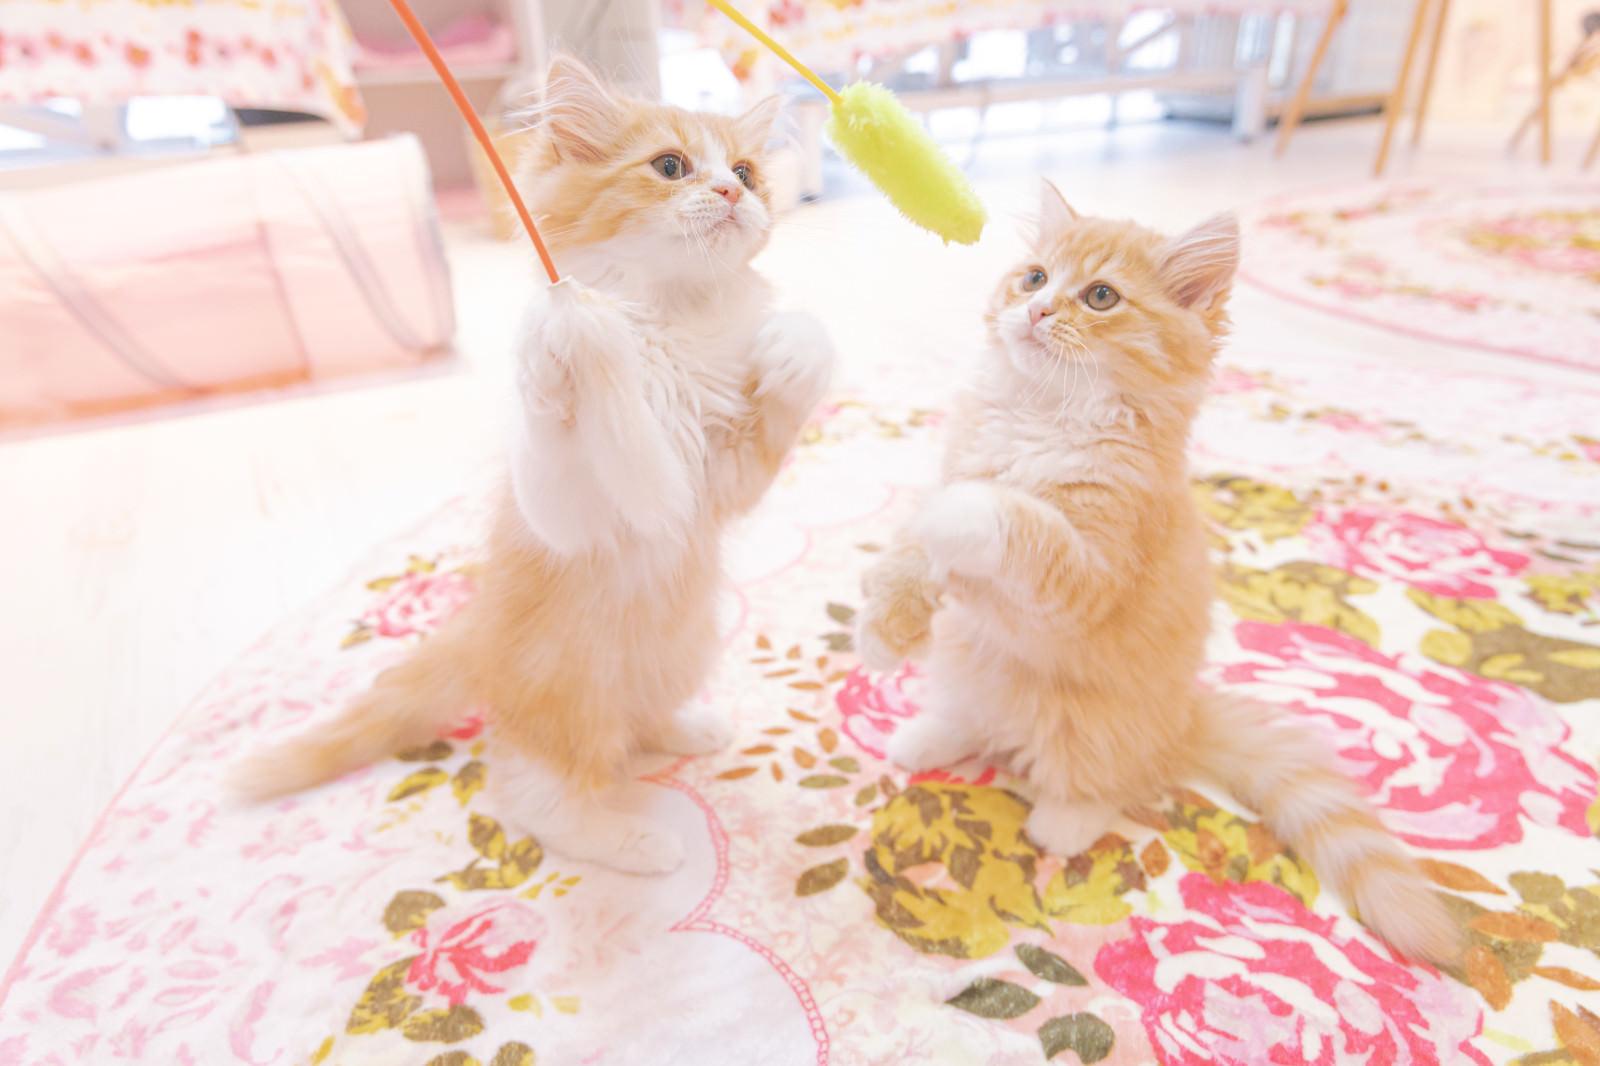 「猫カフェで子猫と戯れる」の写真